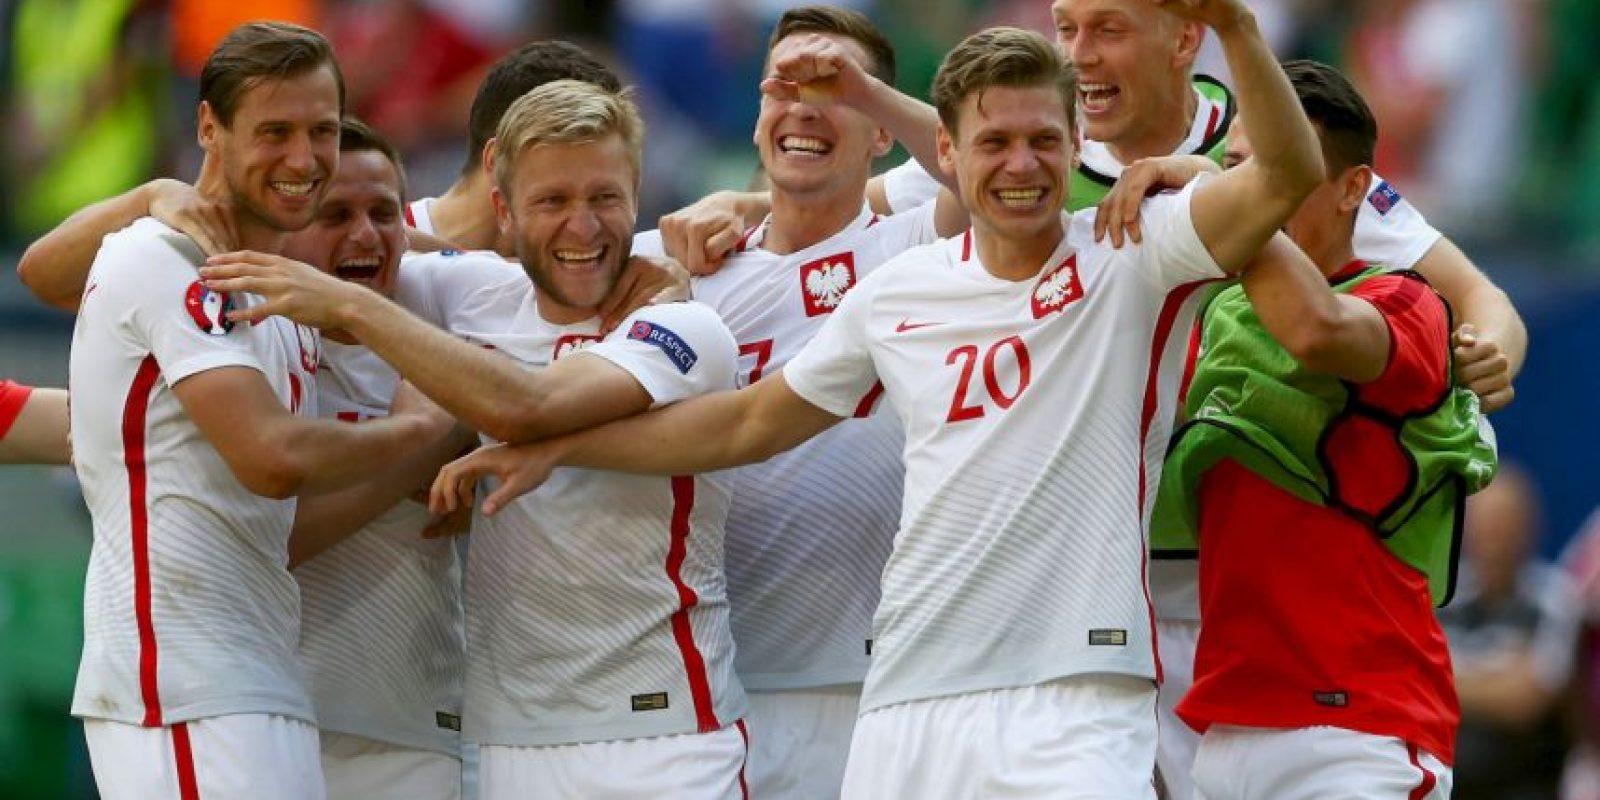 Polonia, por su parte, tuvo que ir hasta los penales para ganarle a Suiza Foto:Getty Images